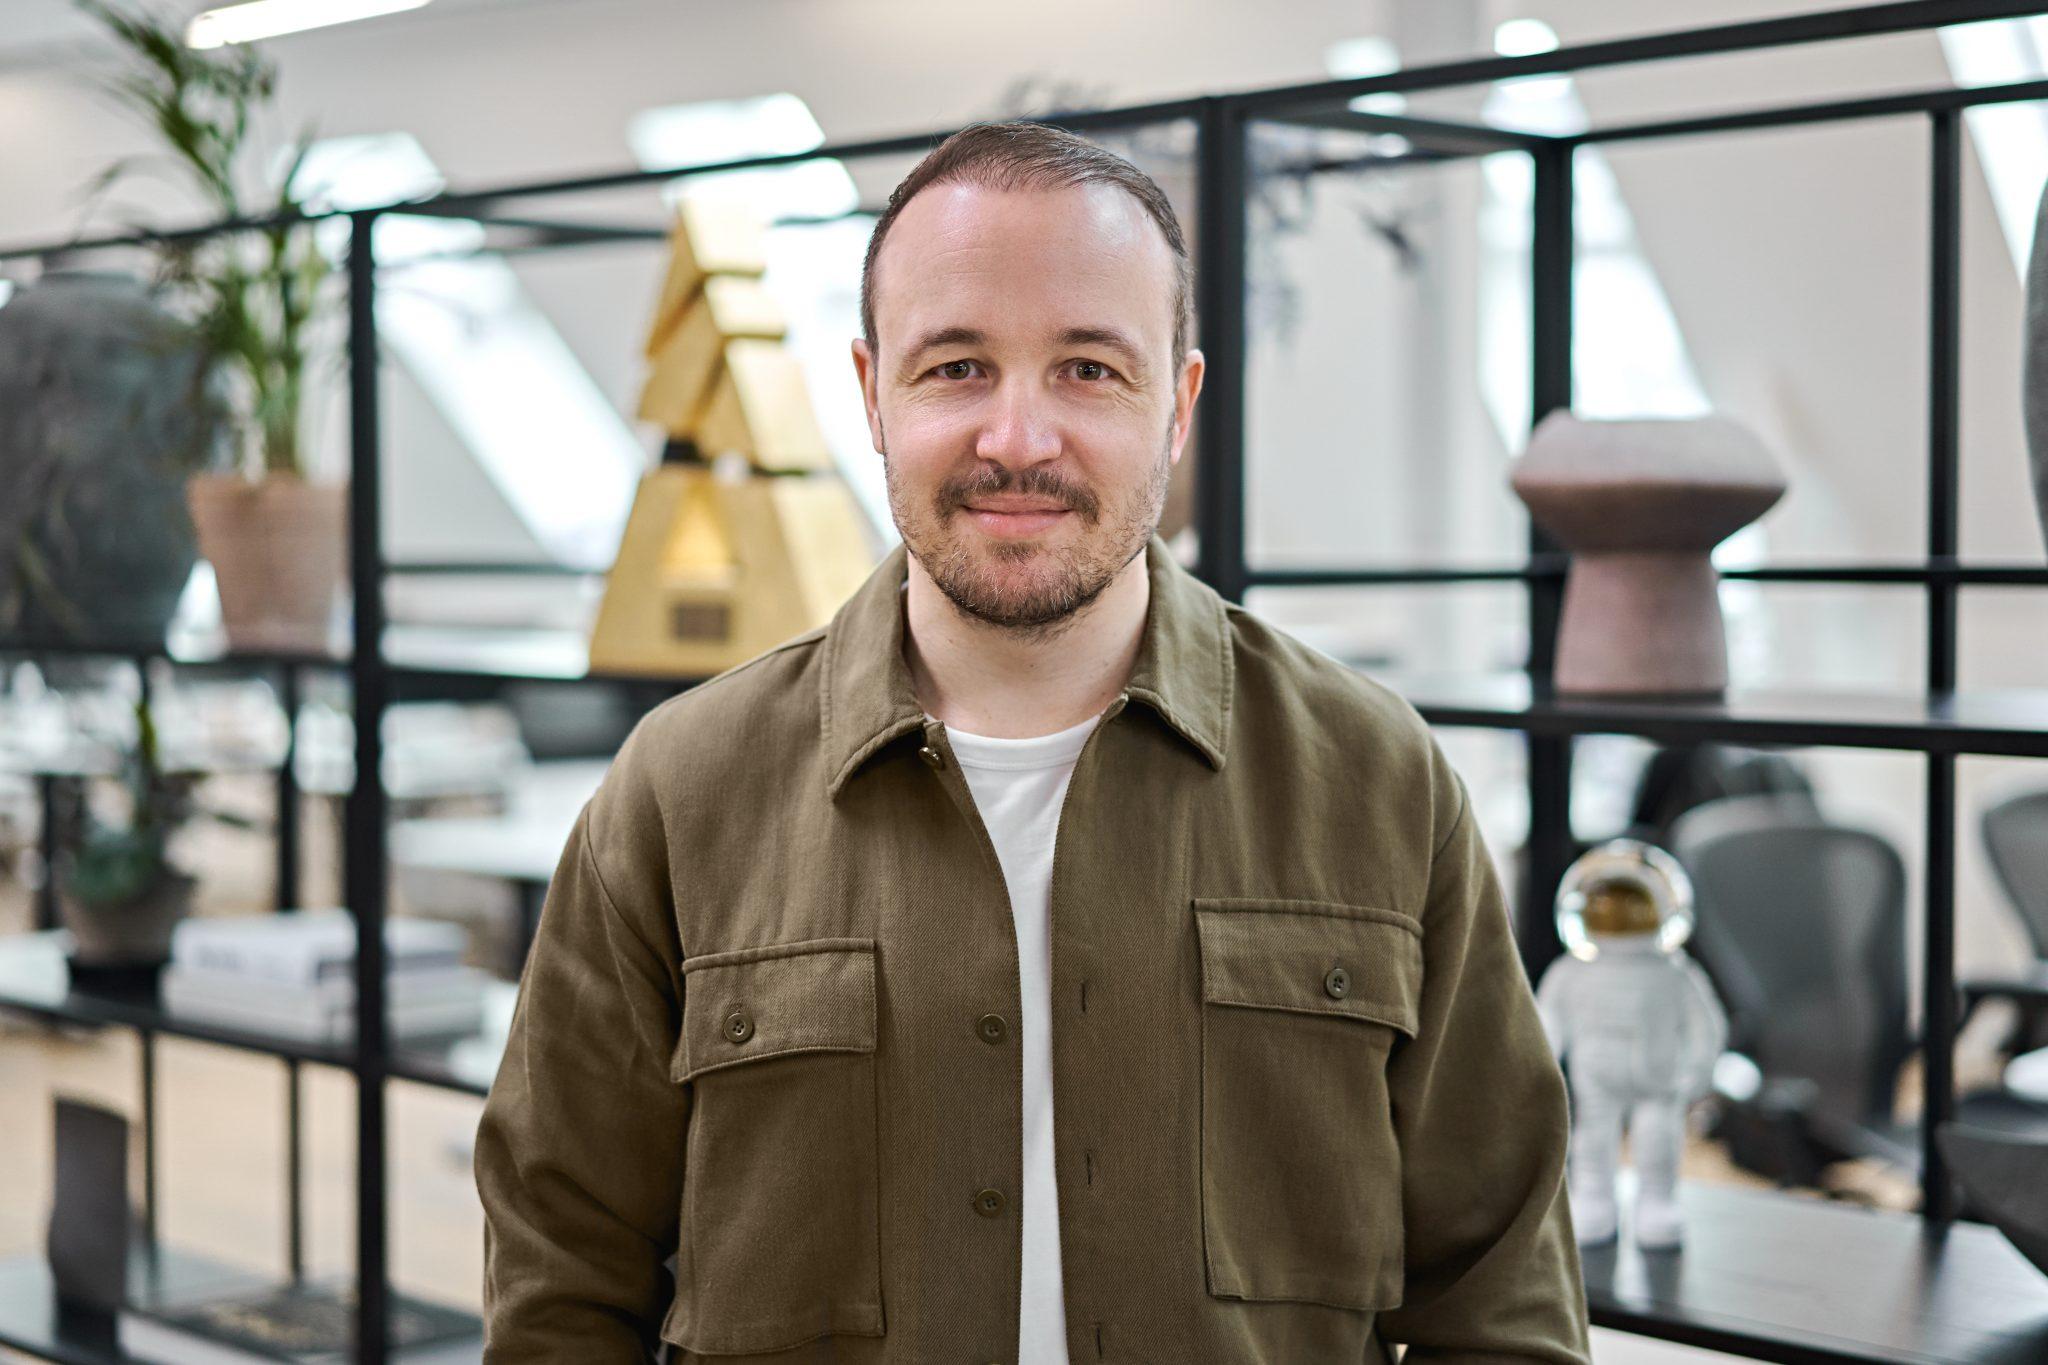 Lunar's founder and CEO, Ken Villum Klausen